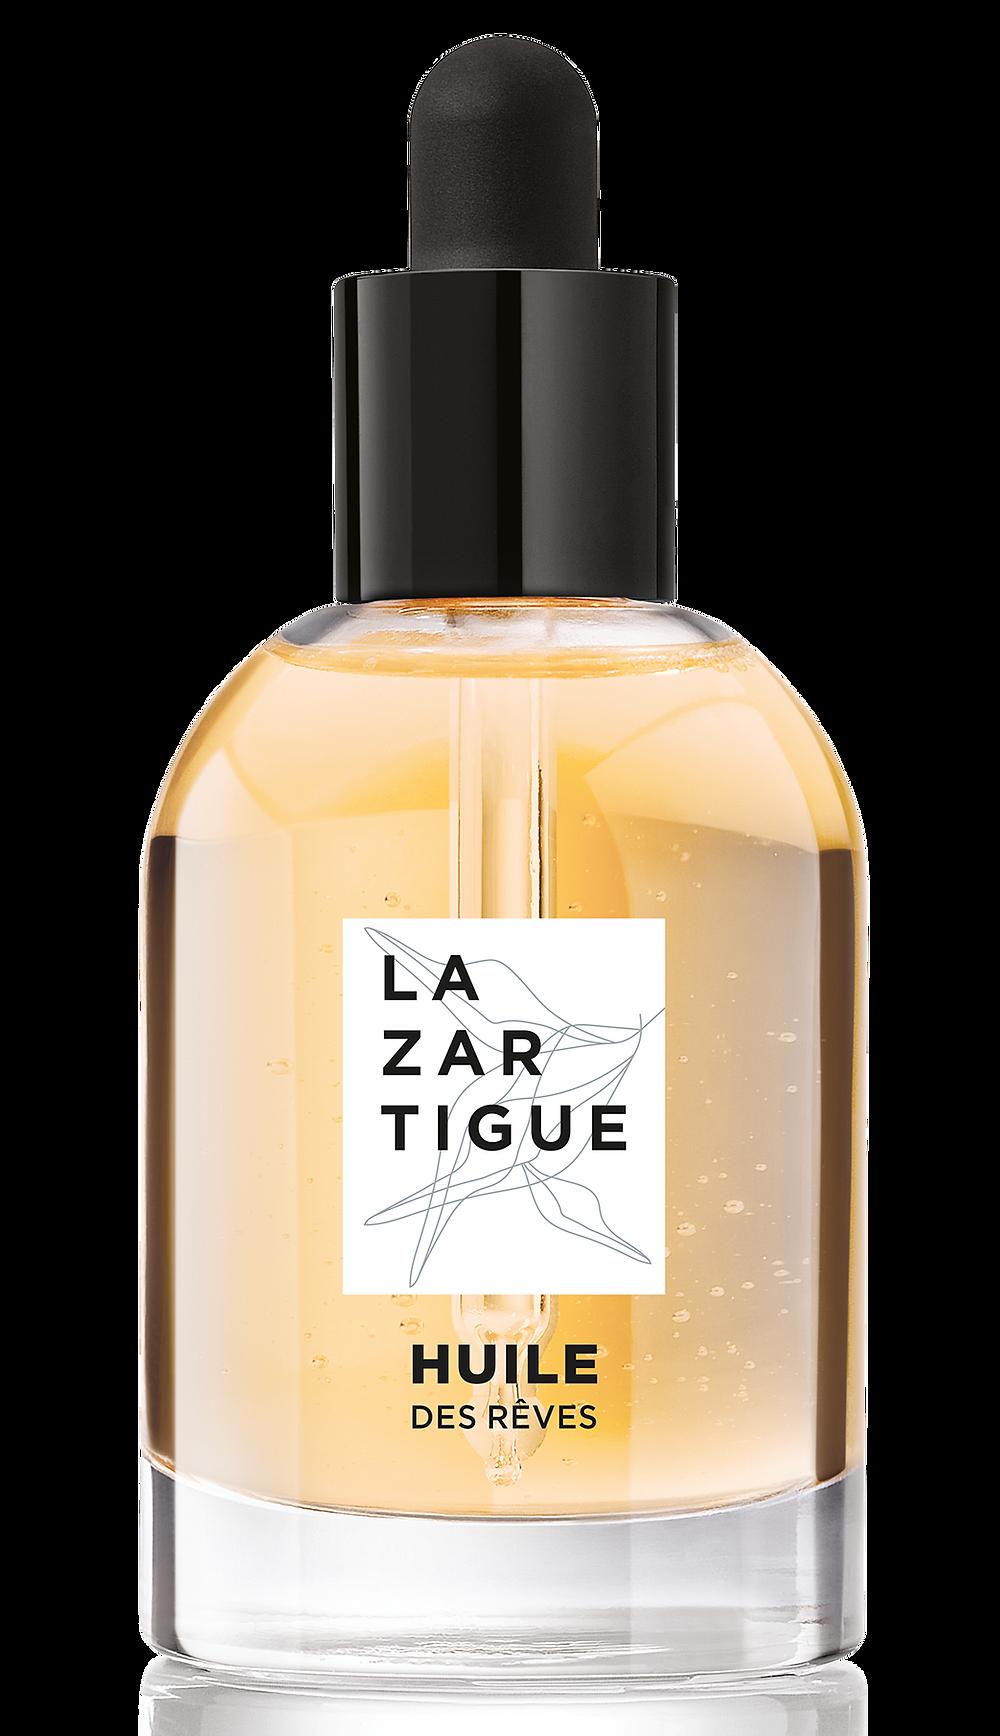 Aceite capilar de Lazartigue